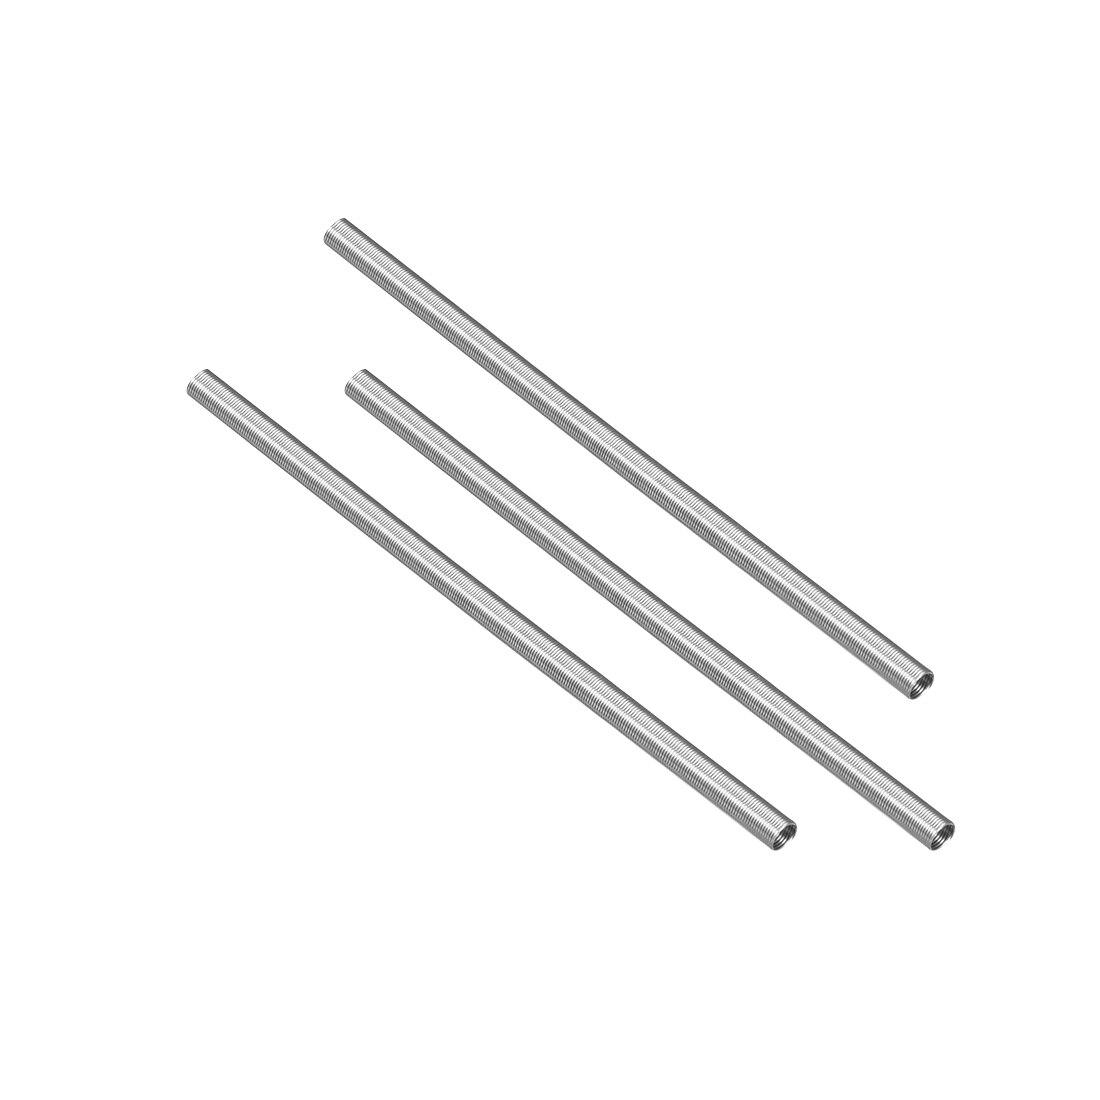 Uxcell rezystora grzewczego drutu nichrom pręty odporność na przewody do elementy grzejne 50w-800w 4.2x230mm DxL 3 sztuk